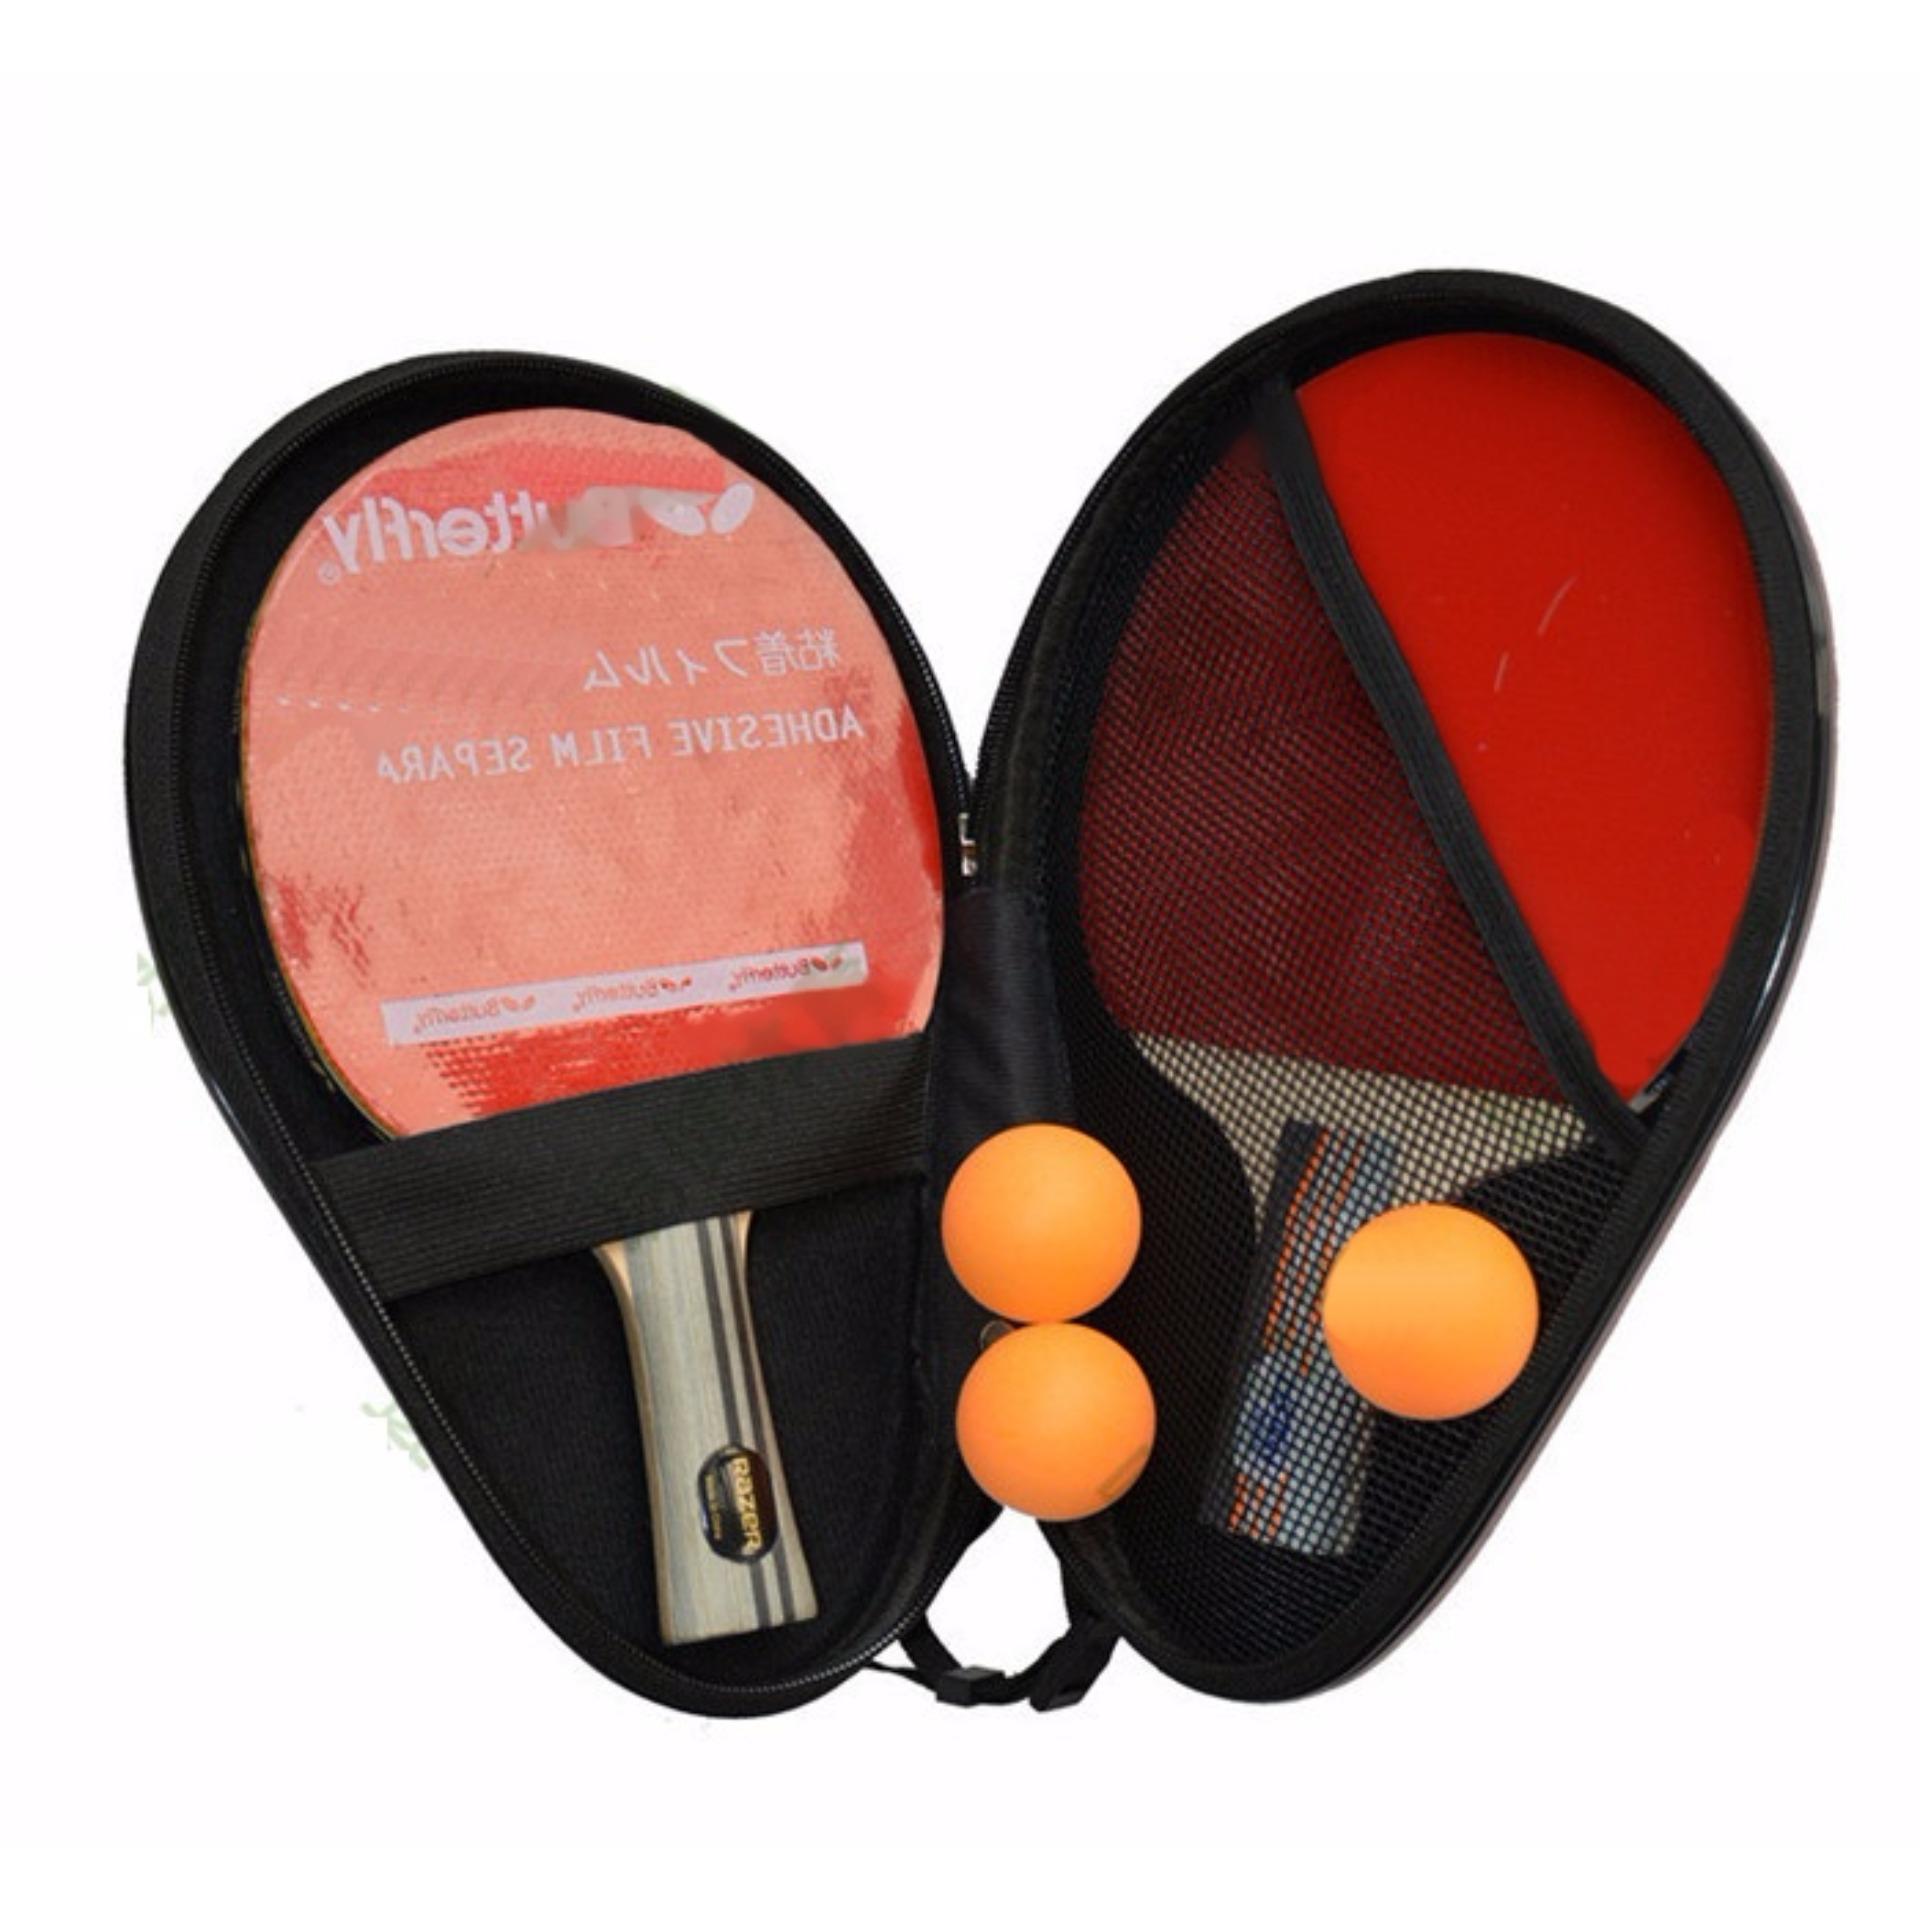 Bao đựng vợt bóng bàn, túi đựng vợt bóng bàn cứng cáp bảo vệ tuyệt đối vợt; chất liệu cao cấp  POPO Sports 14